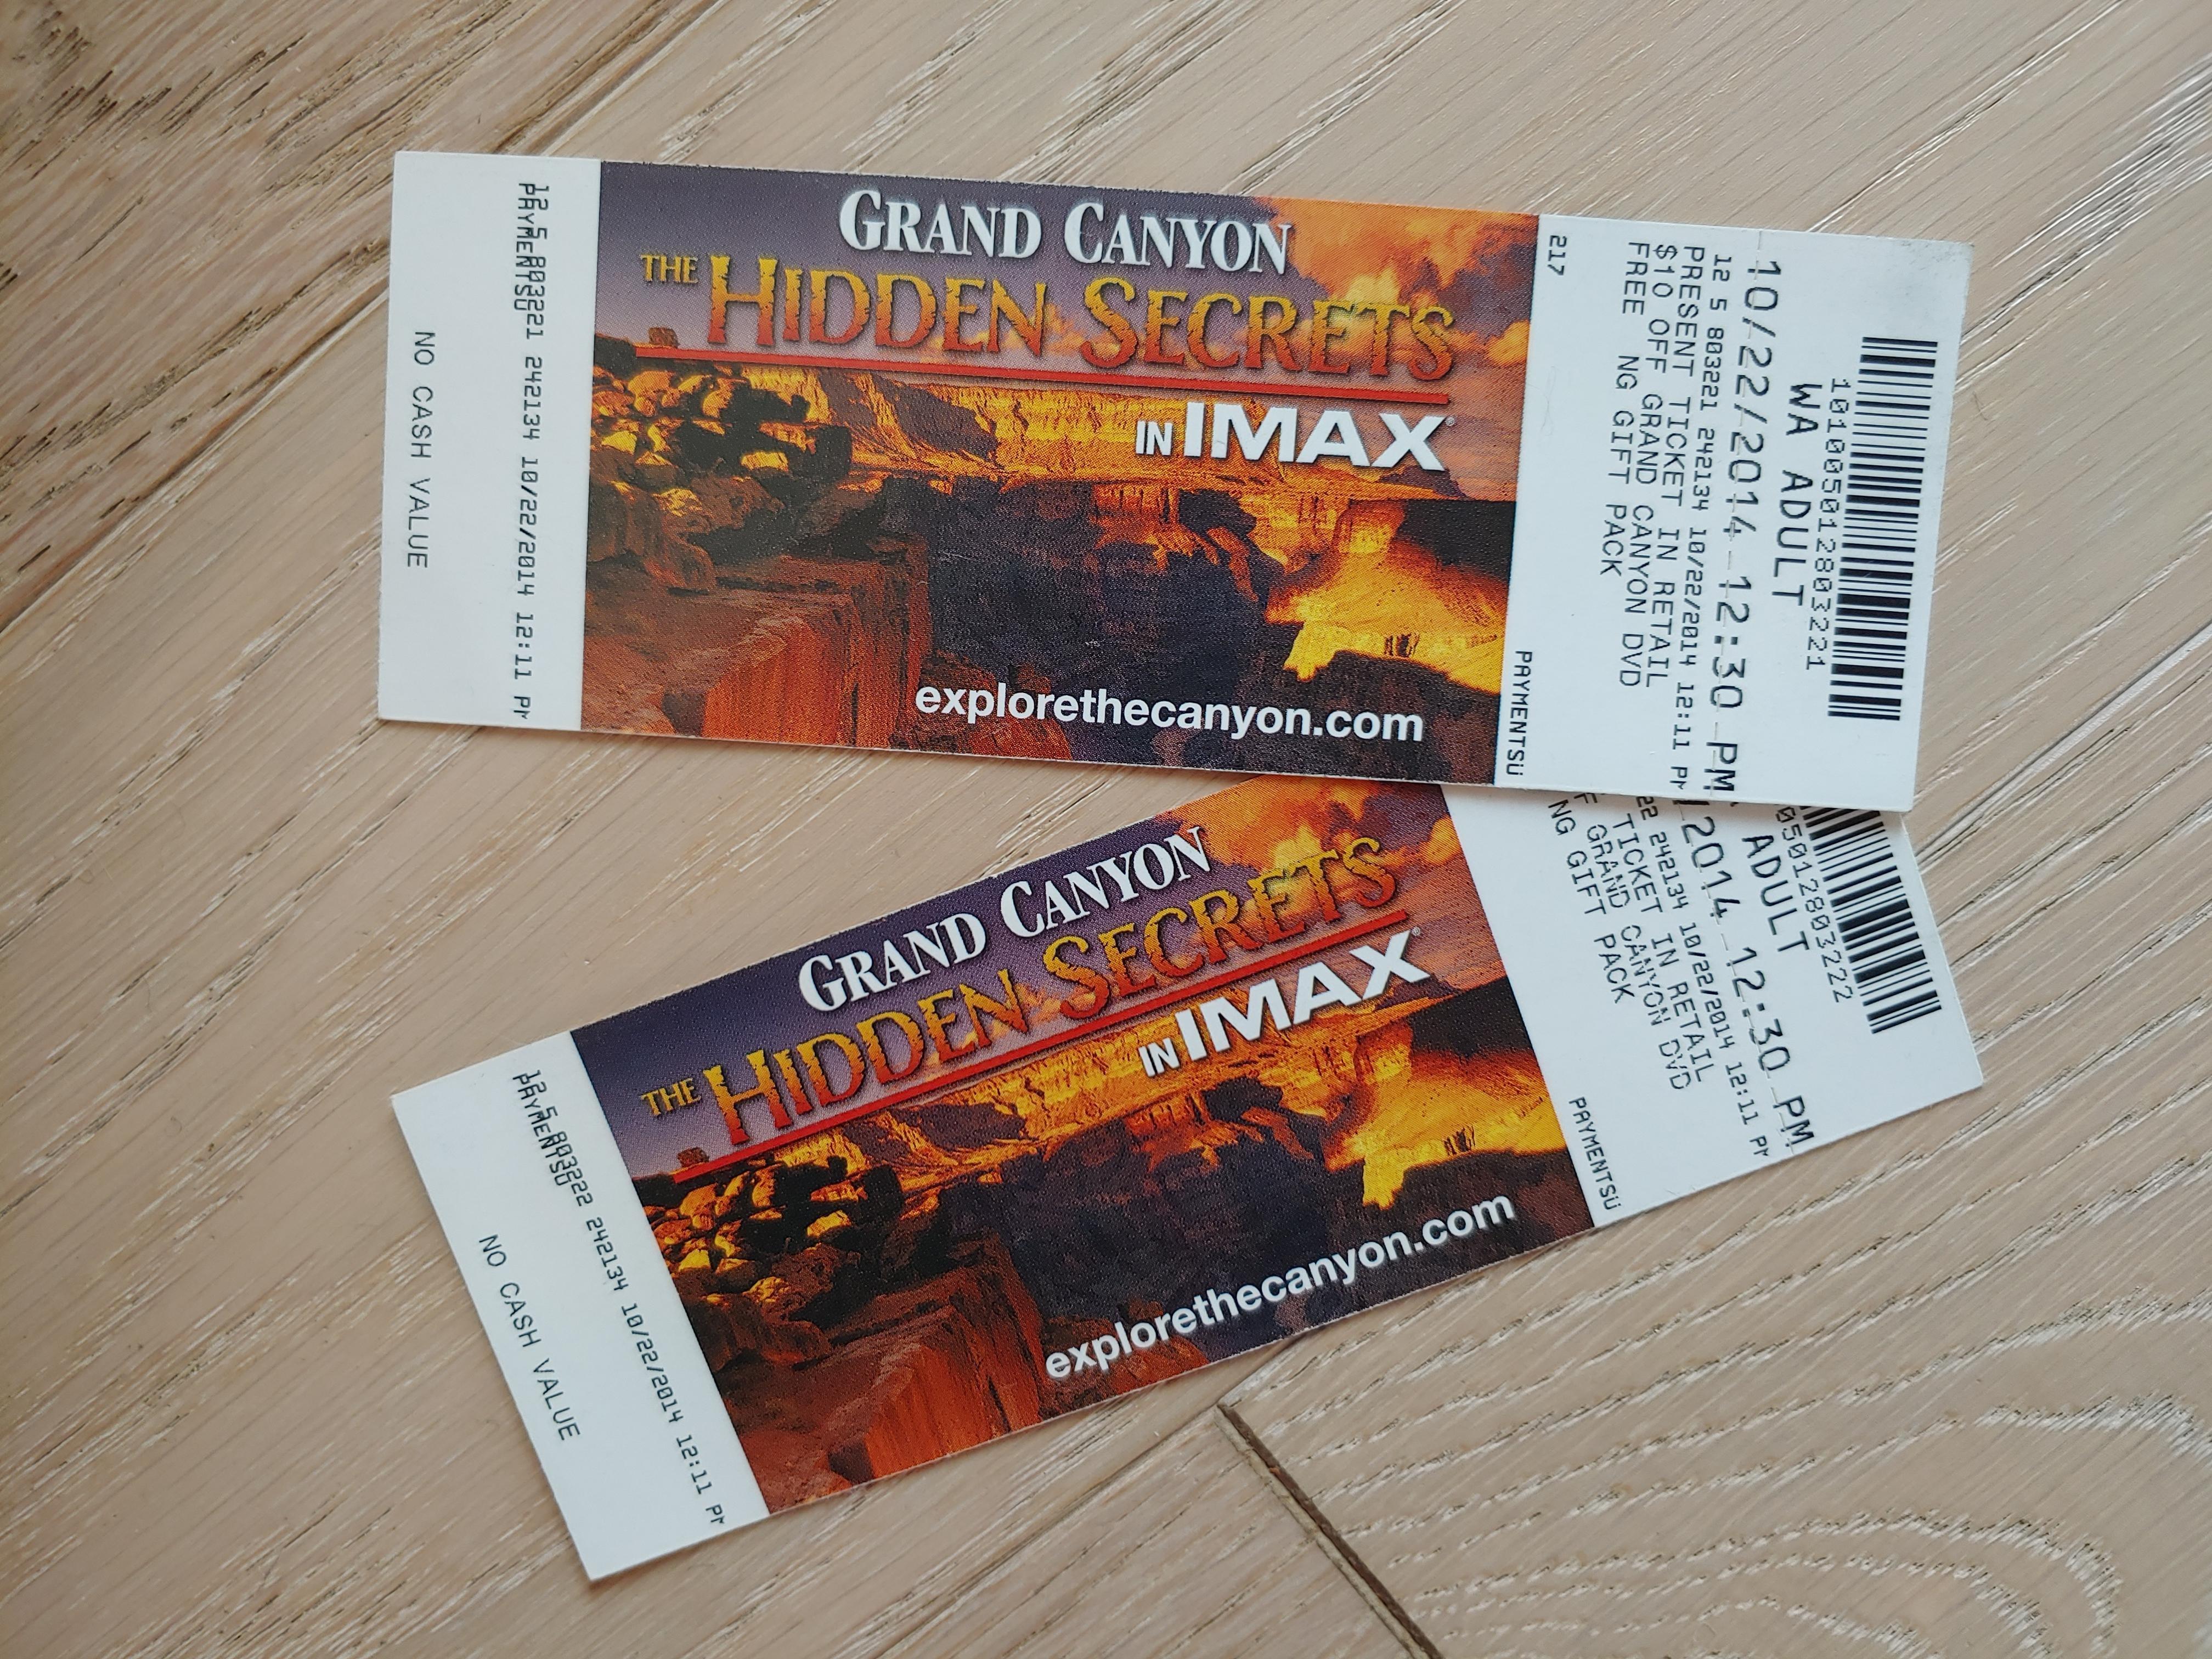 IMAX Tixs